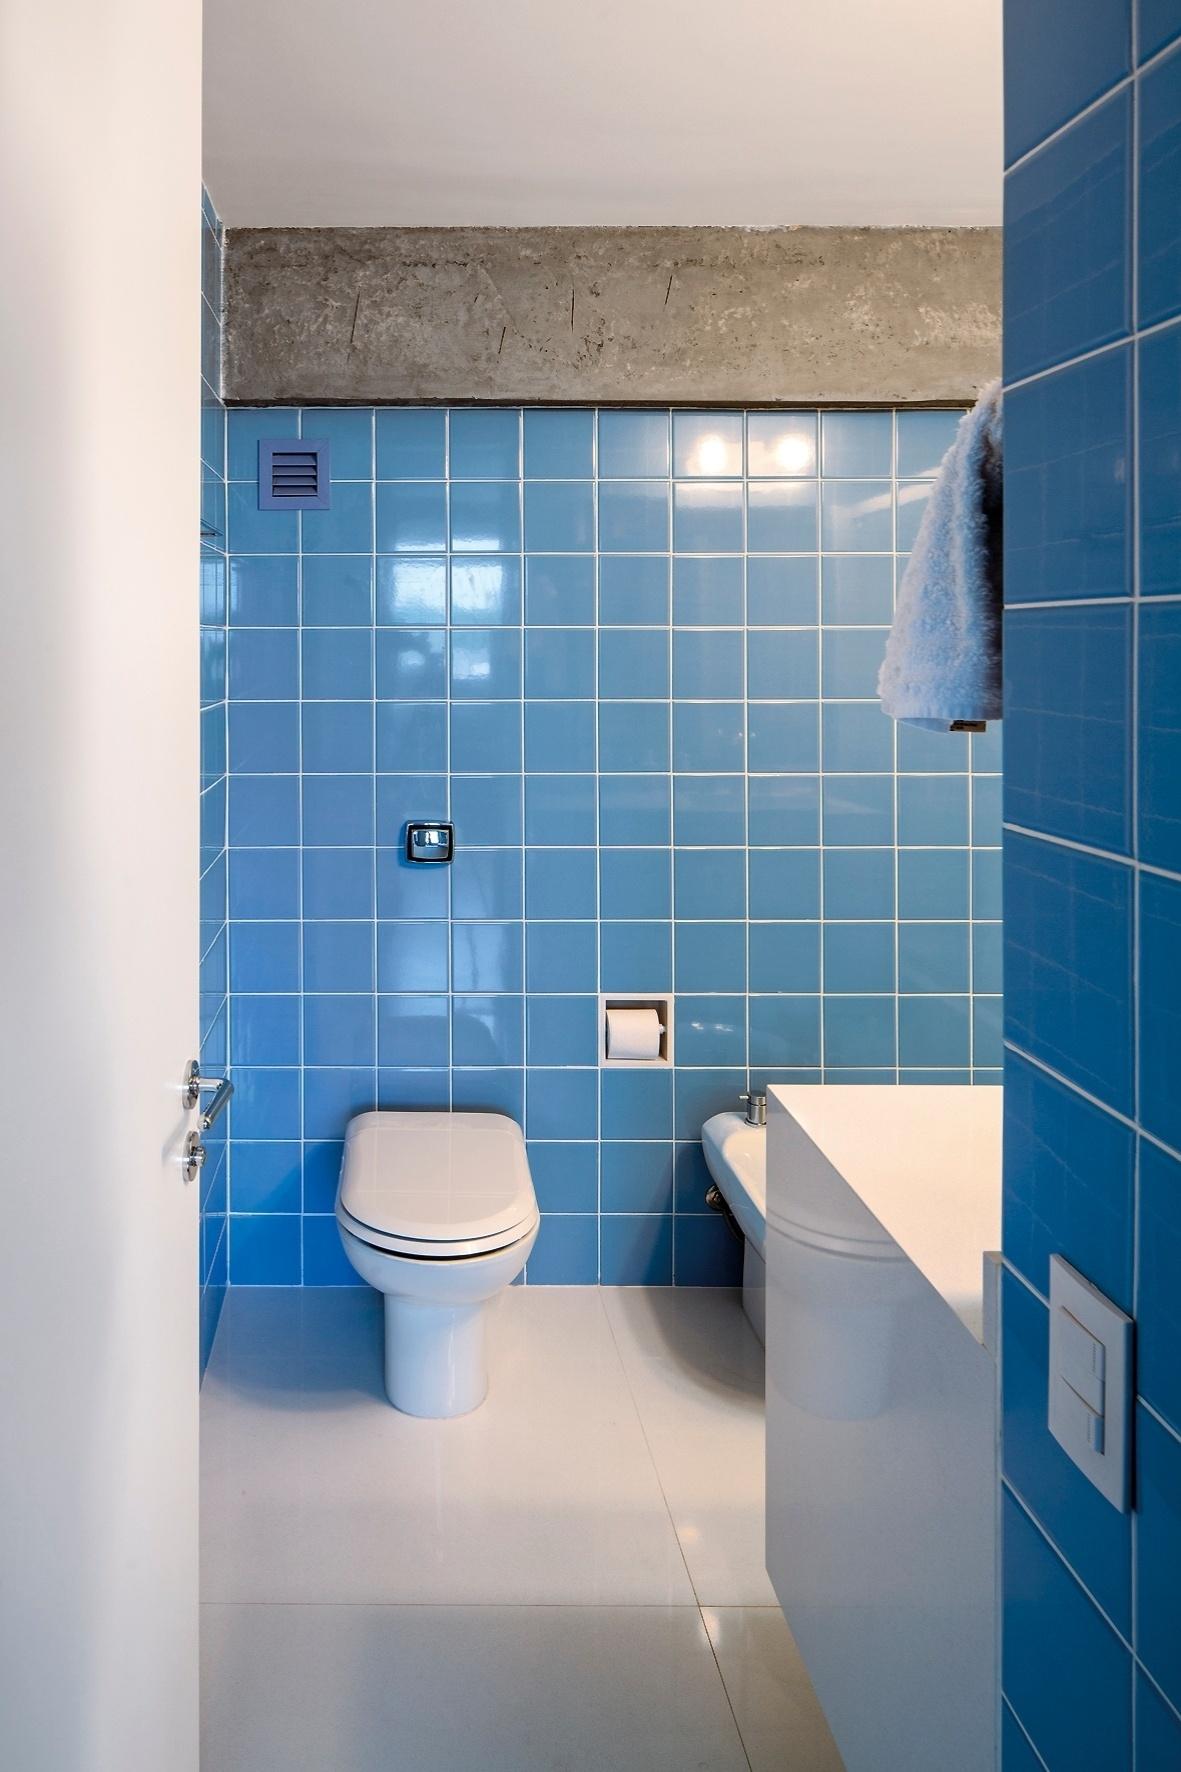 Até no banheiro do Apartamento FT as vigas estruturais de concreto foram descascadas. Aparentes, elas combinam com novos azulejos azuis (15 cm x 15 cm), que remetem à estética original do edifício em São Paulo, construído nos anos 50. A proprietária não quis ter uma suíte e deixou o banheiro separado do dormitório, aberto para uso da área social integrada, com escritório e salas de estar e TV